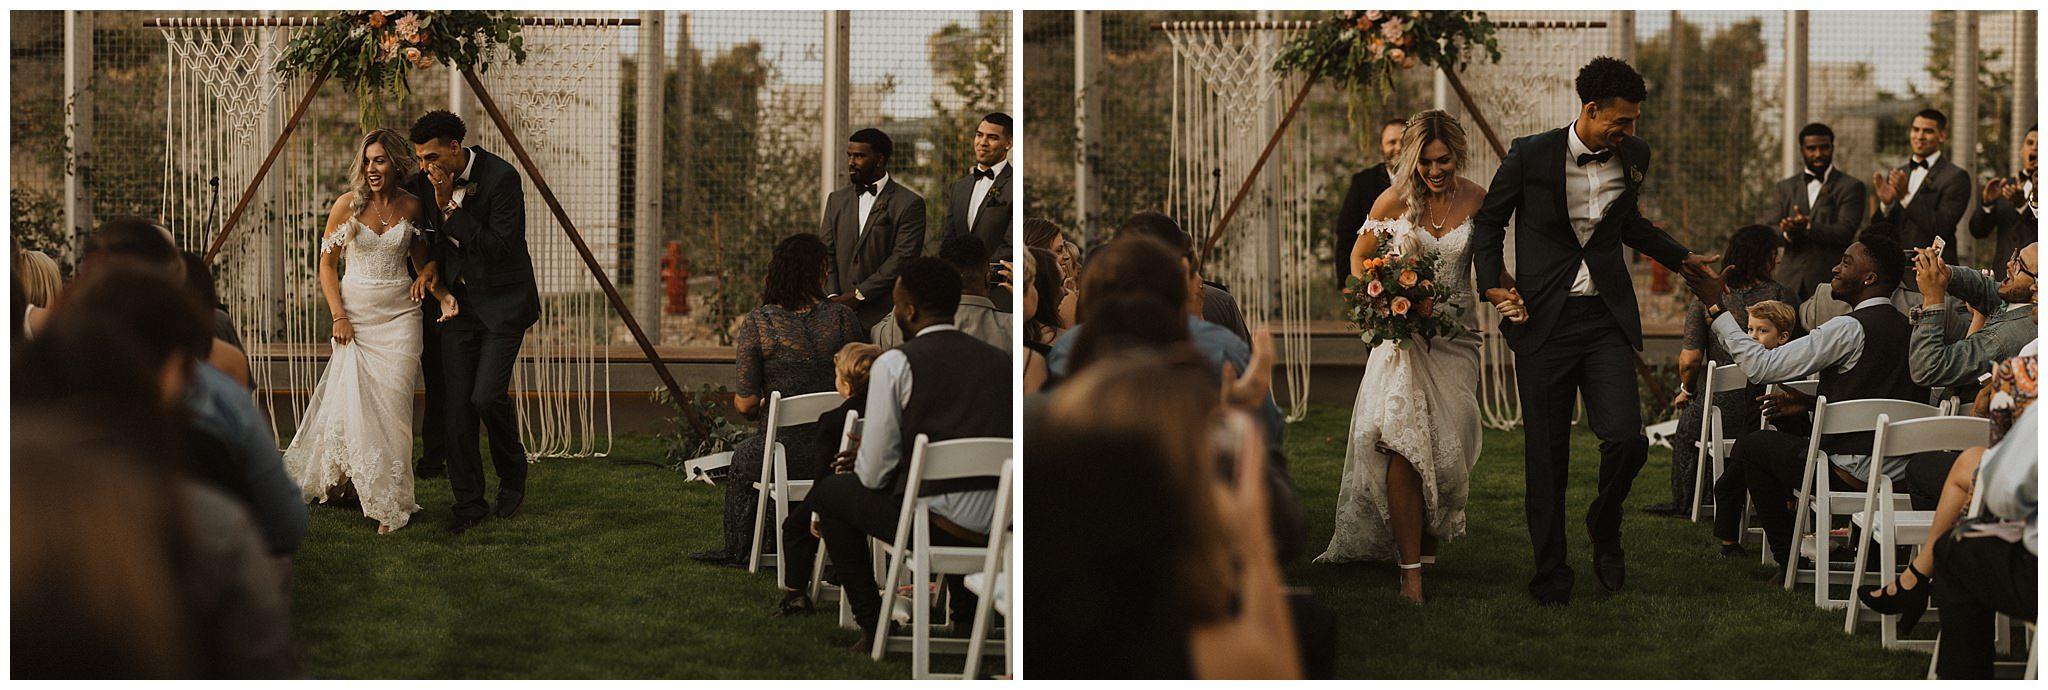 oahu-wedding-photographer8.jpg